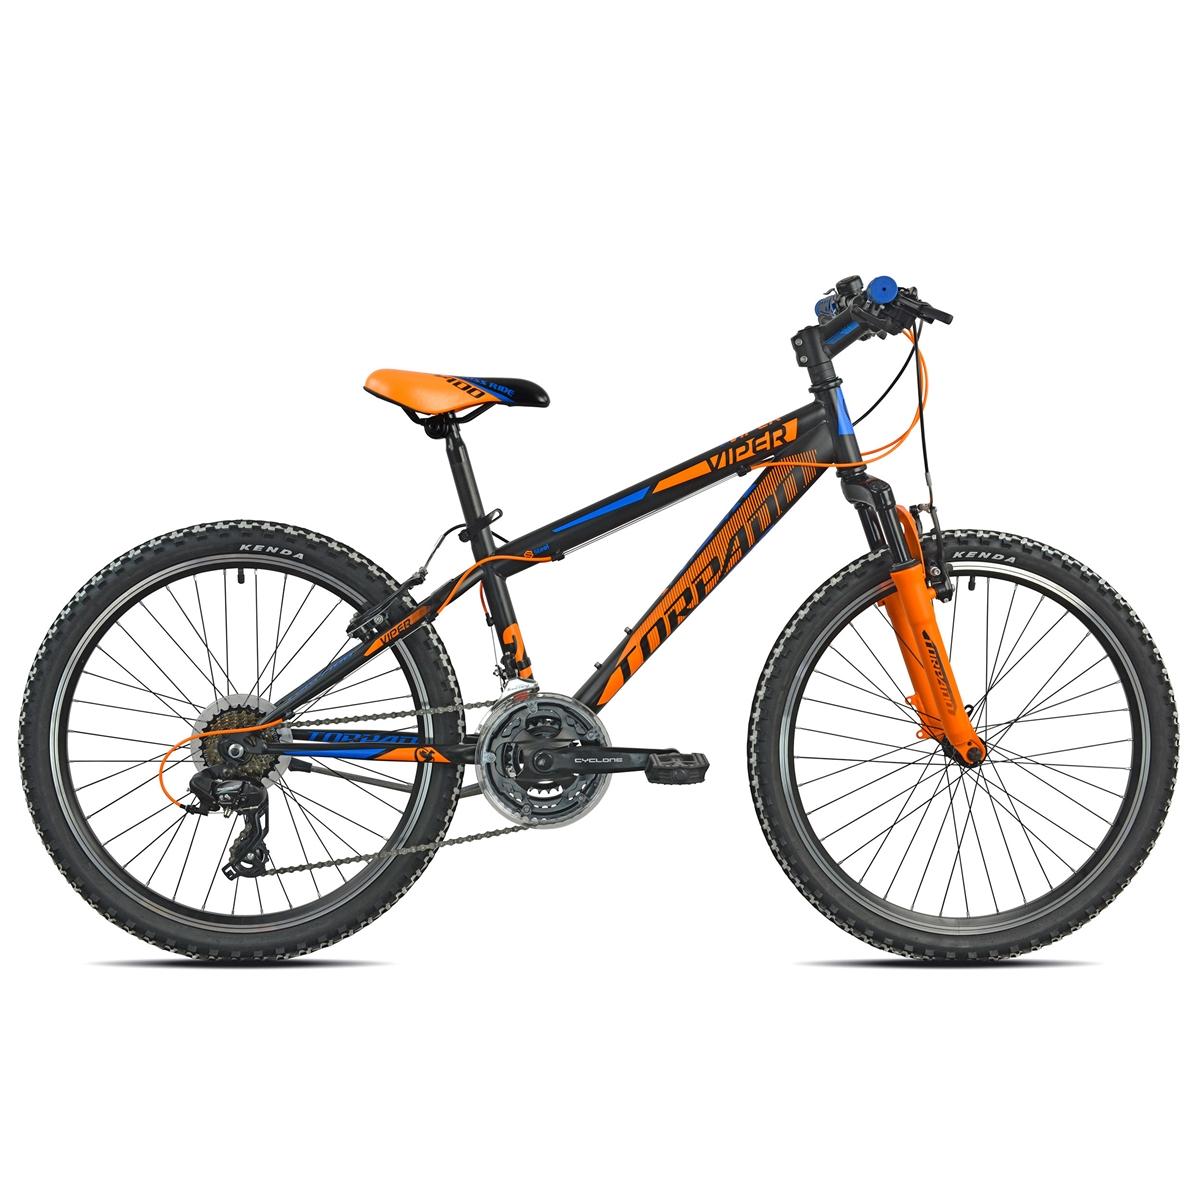 Junior Mtb T610 Viper 24'' Black/Orange/Blue 21s